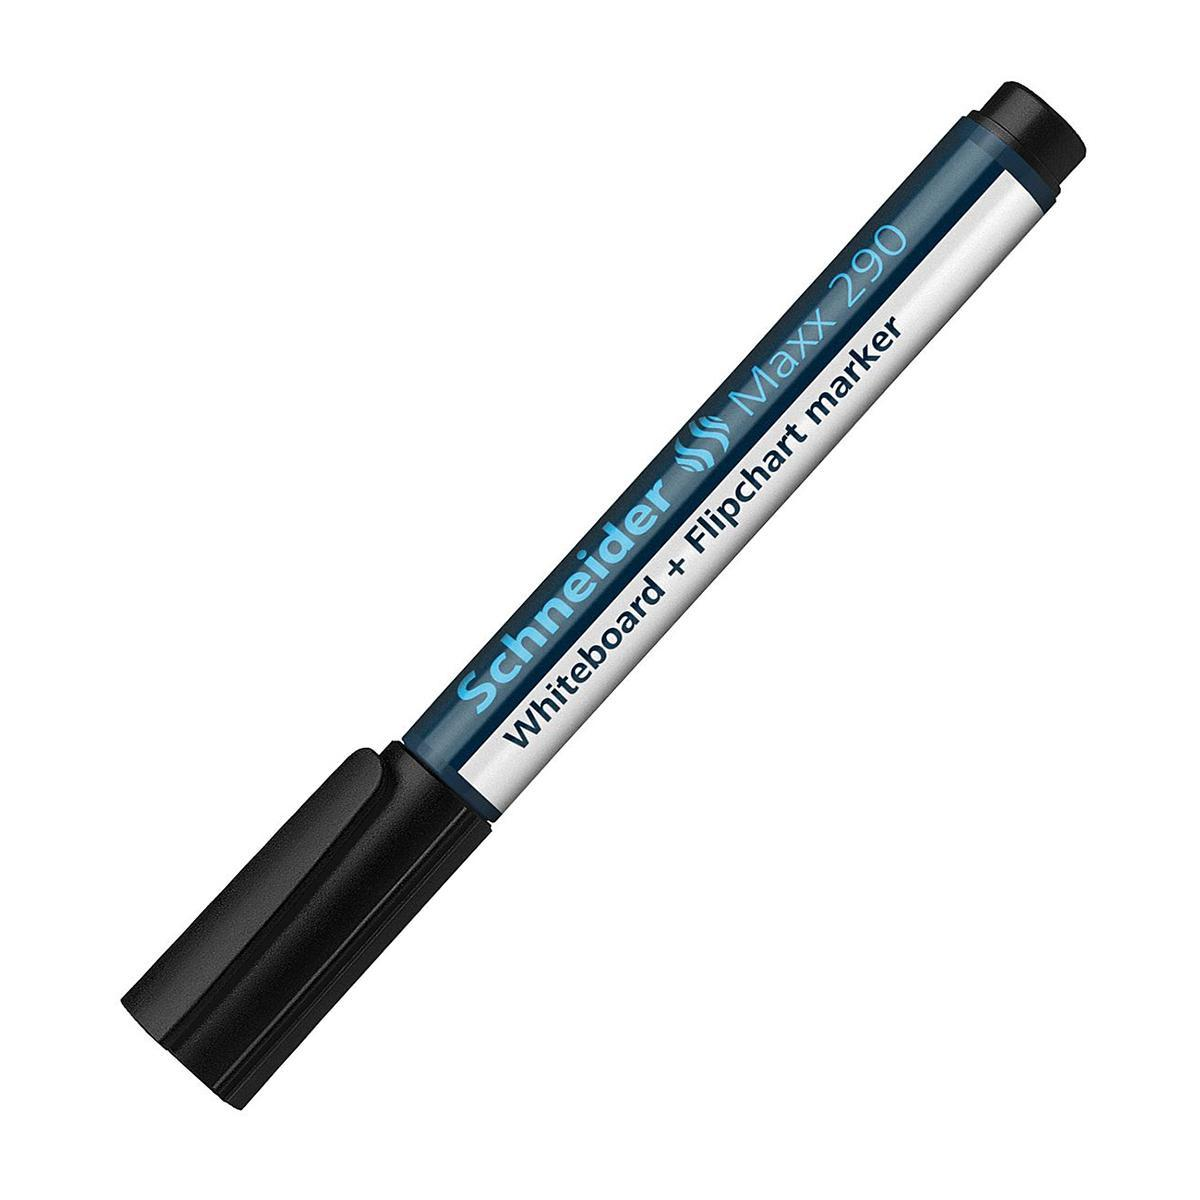 Универсальный маркер Whiteboard and Flipchart Maxx Eco 290; 1-3 мм,черный.S290/1 S290-01/1